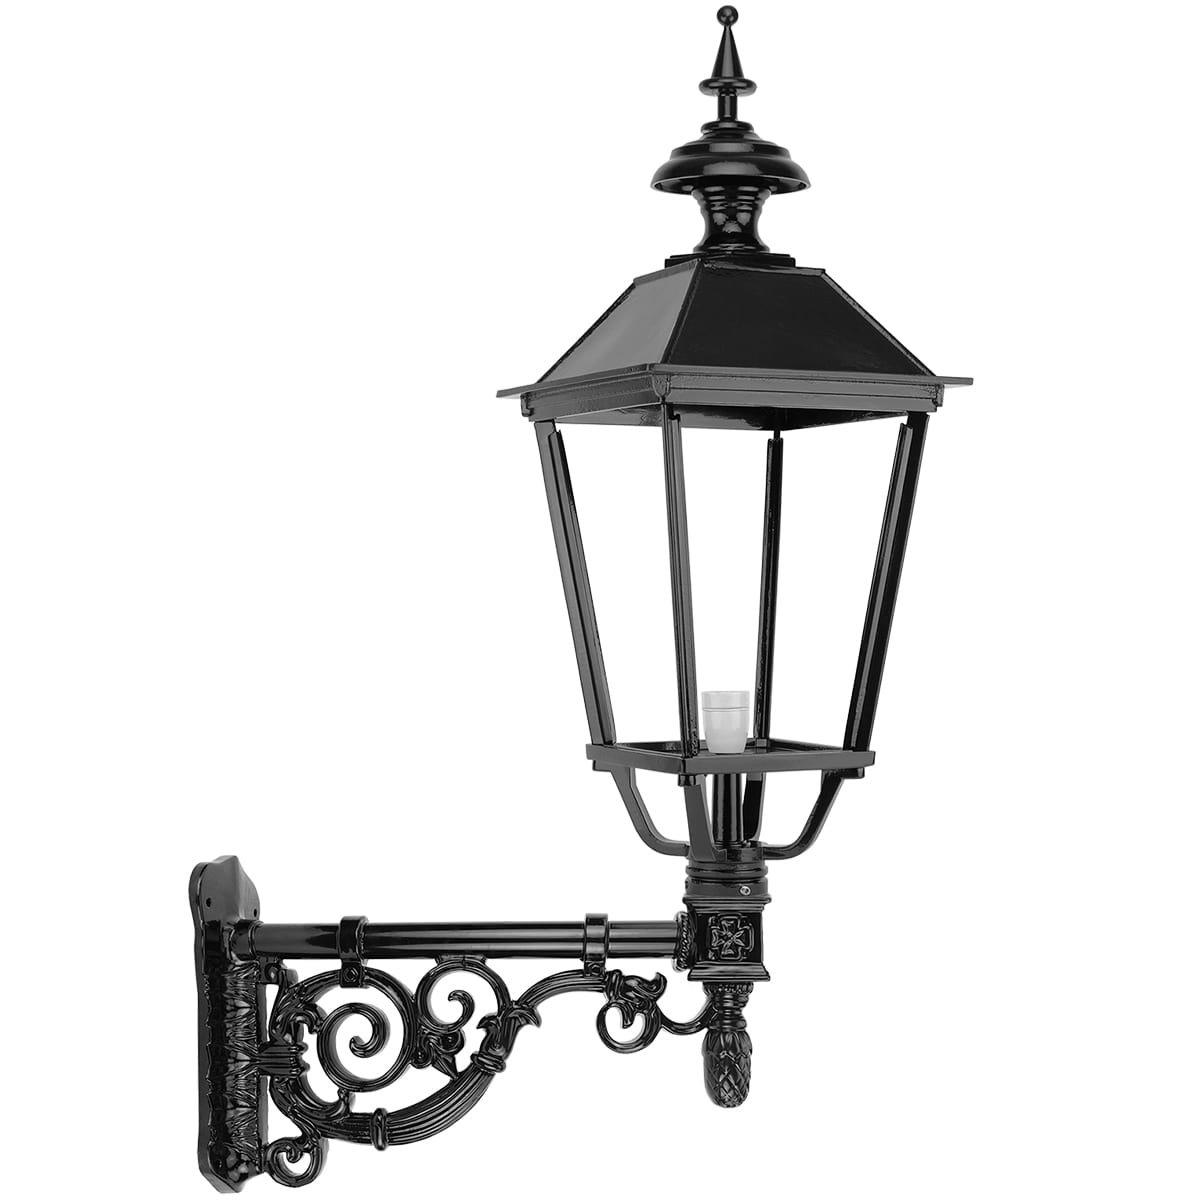 Buitenverlichting Klassiek Landelijk Gevellantaarn oude stijl Pijnacker - 103 cm